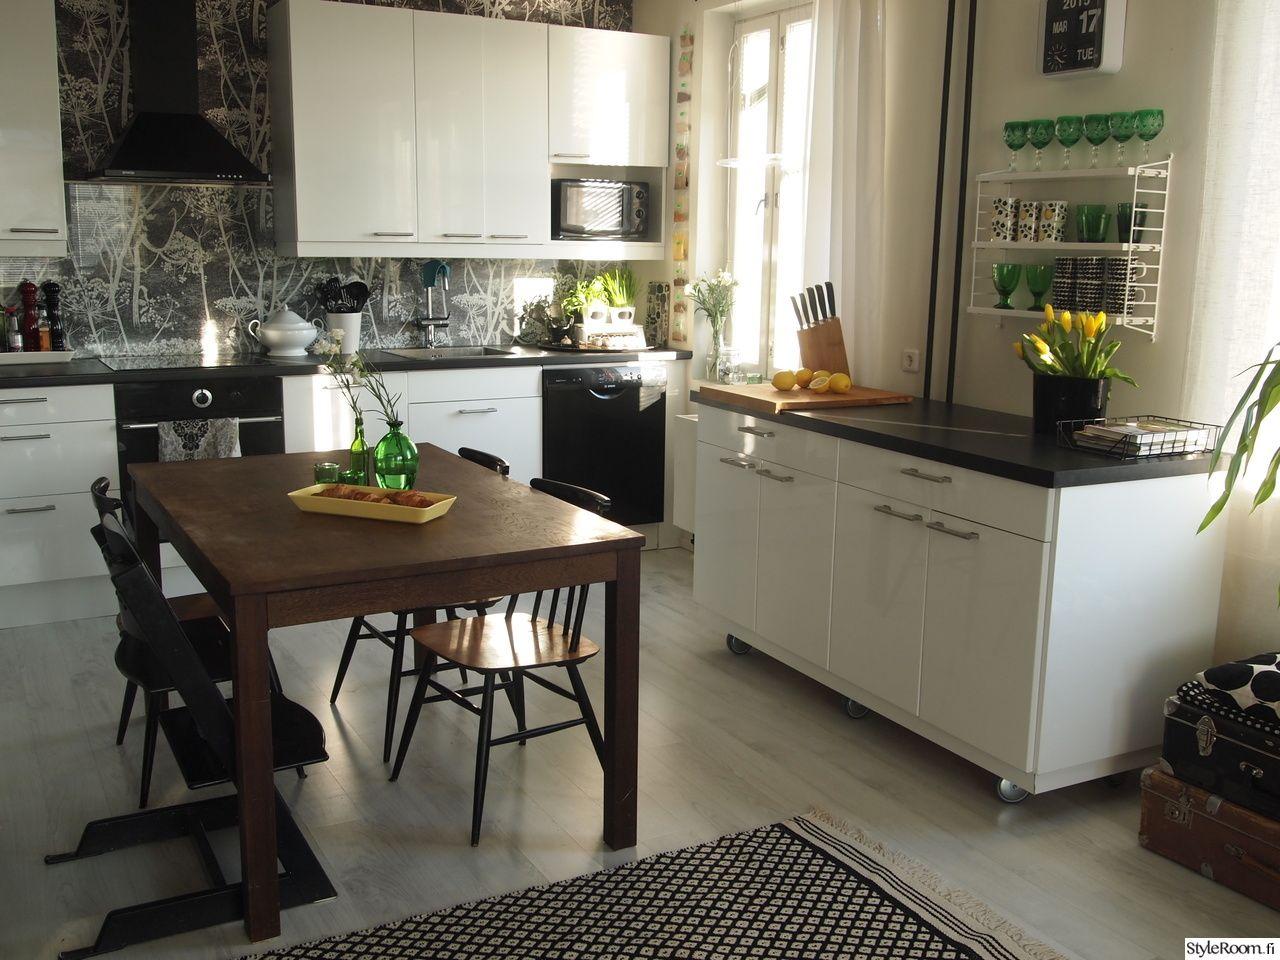 mustavalkoinen,mustavalkoinen sisustus,keittiö,keittiön